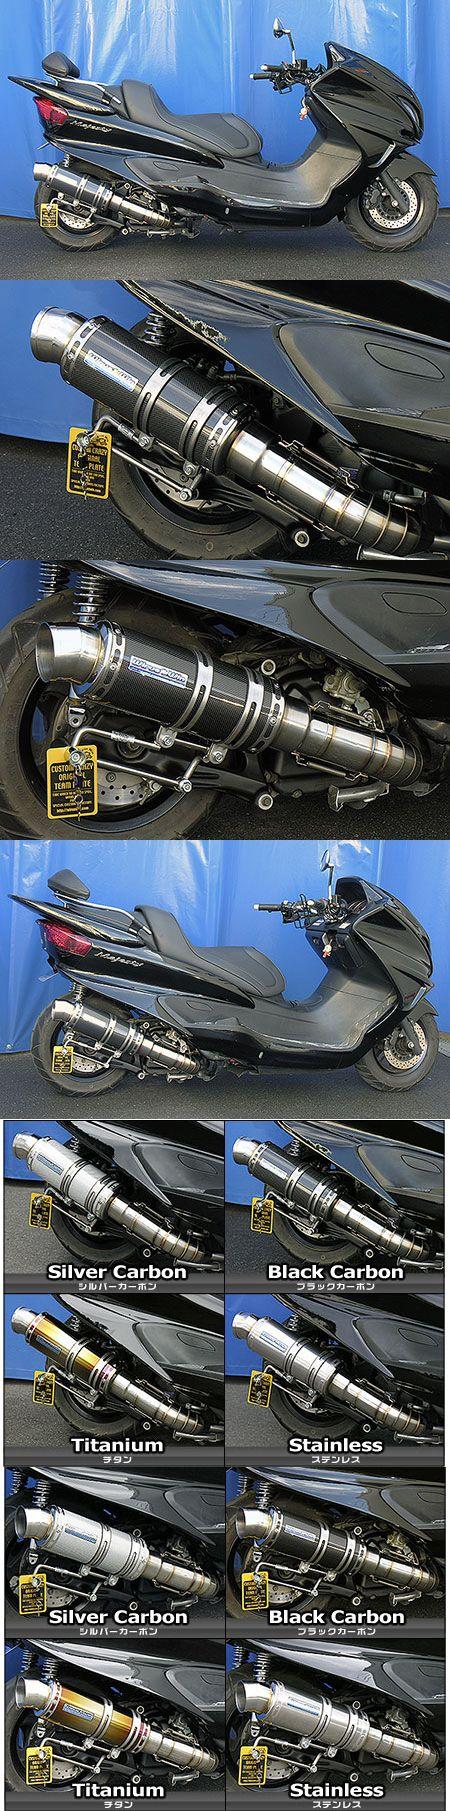 【WirusWin】Premium全段排氣管 黑色碳纖維款式 - 「Webike-摩托百貨」